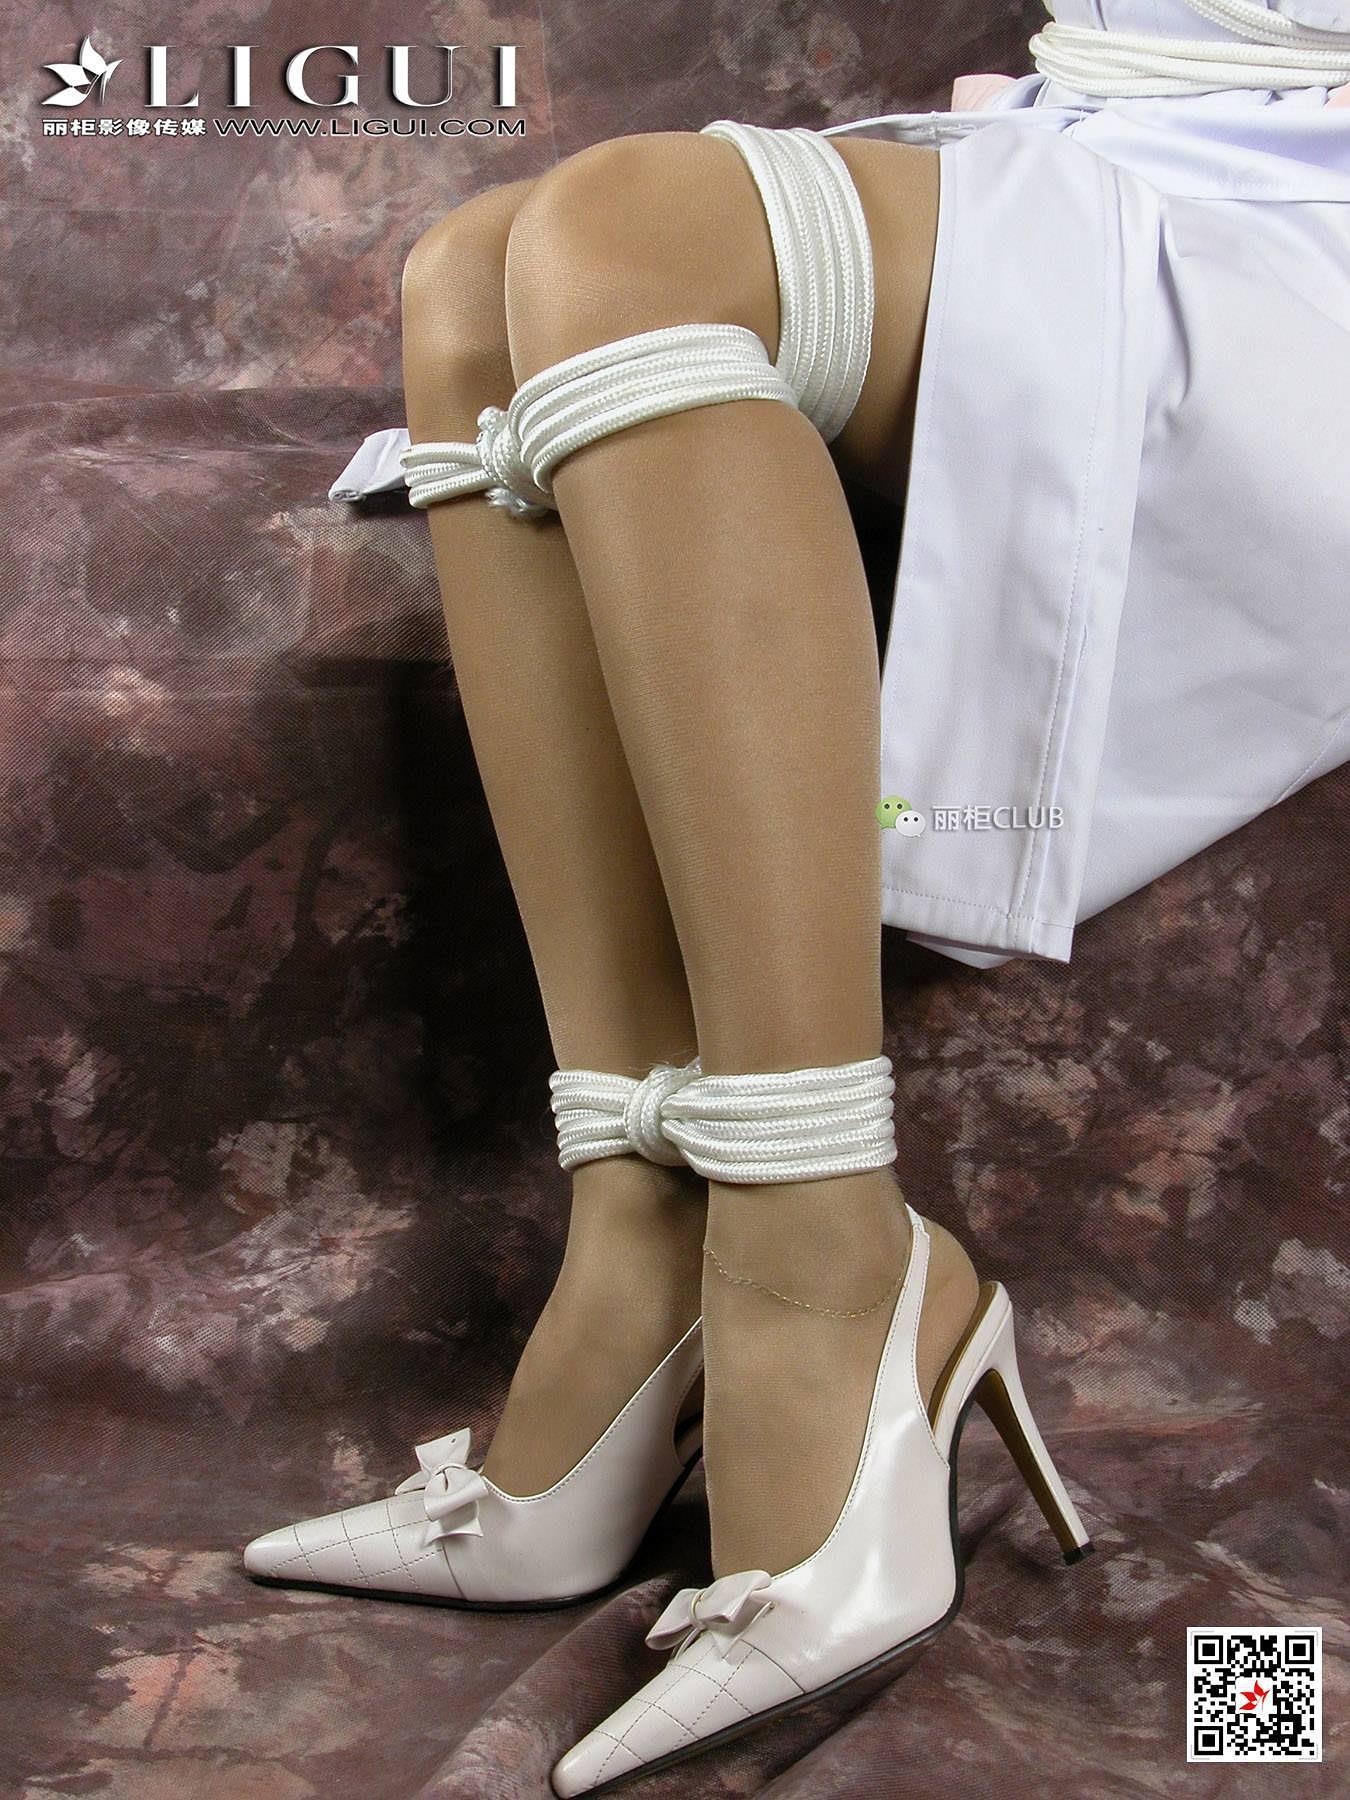 07 性感女护士 雅诗 灰色丝袜美腿玉足SM捆绑私房写真集 8图片